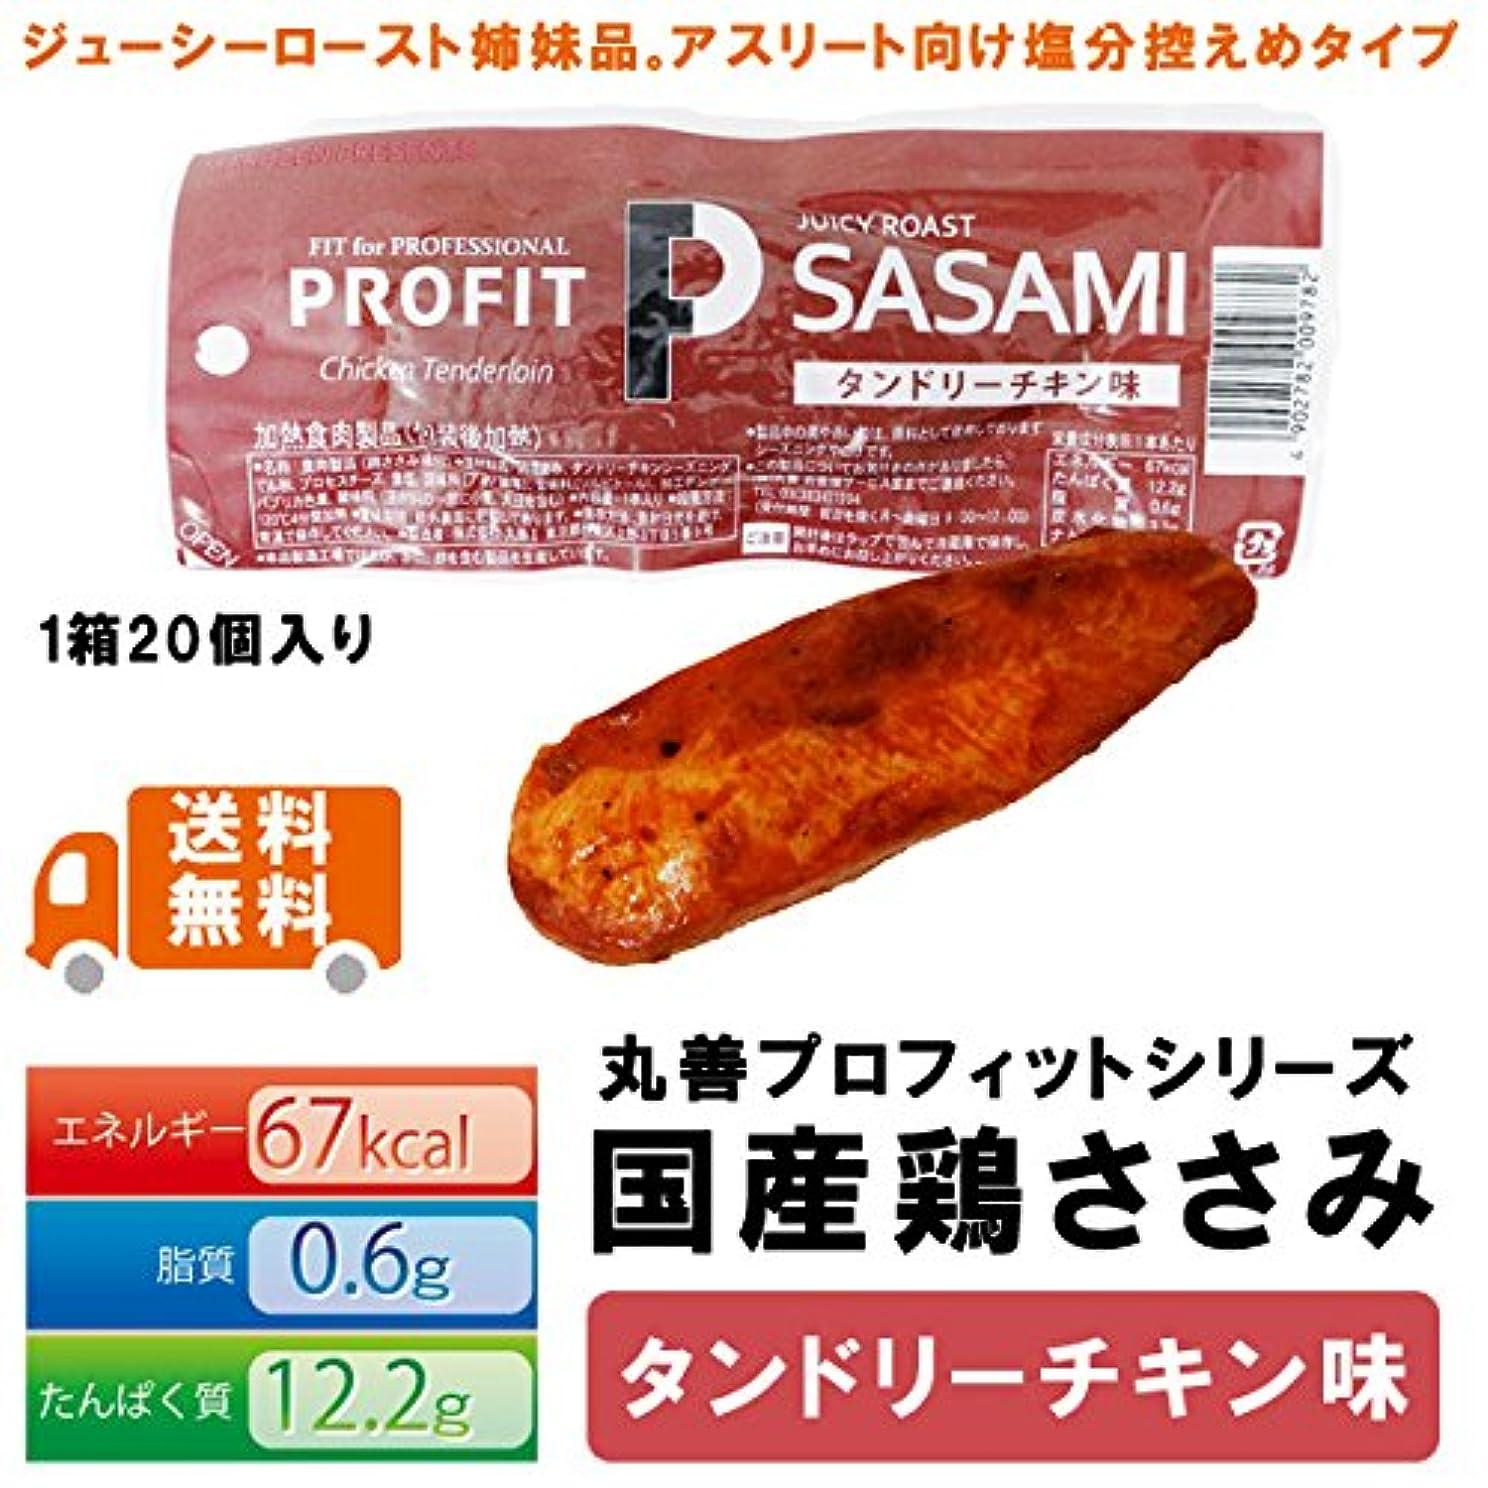 ダニ改善魚丸善 PRO-FIT プロフィットささみ 鶏ささみ タンドリーチキン味 1箱20本入り